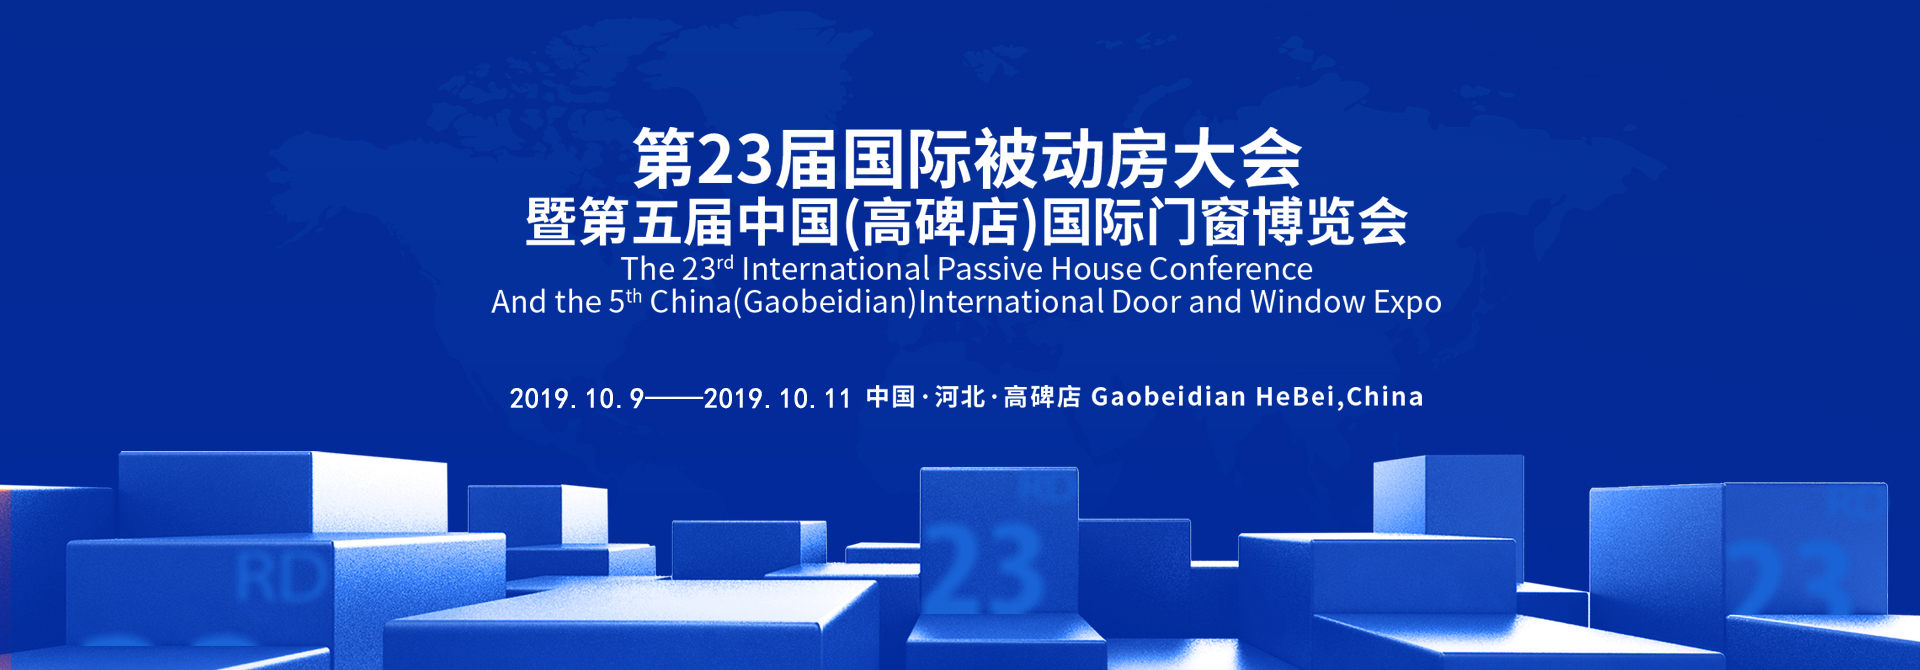 【专题】第二十三届国际被动房大会